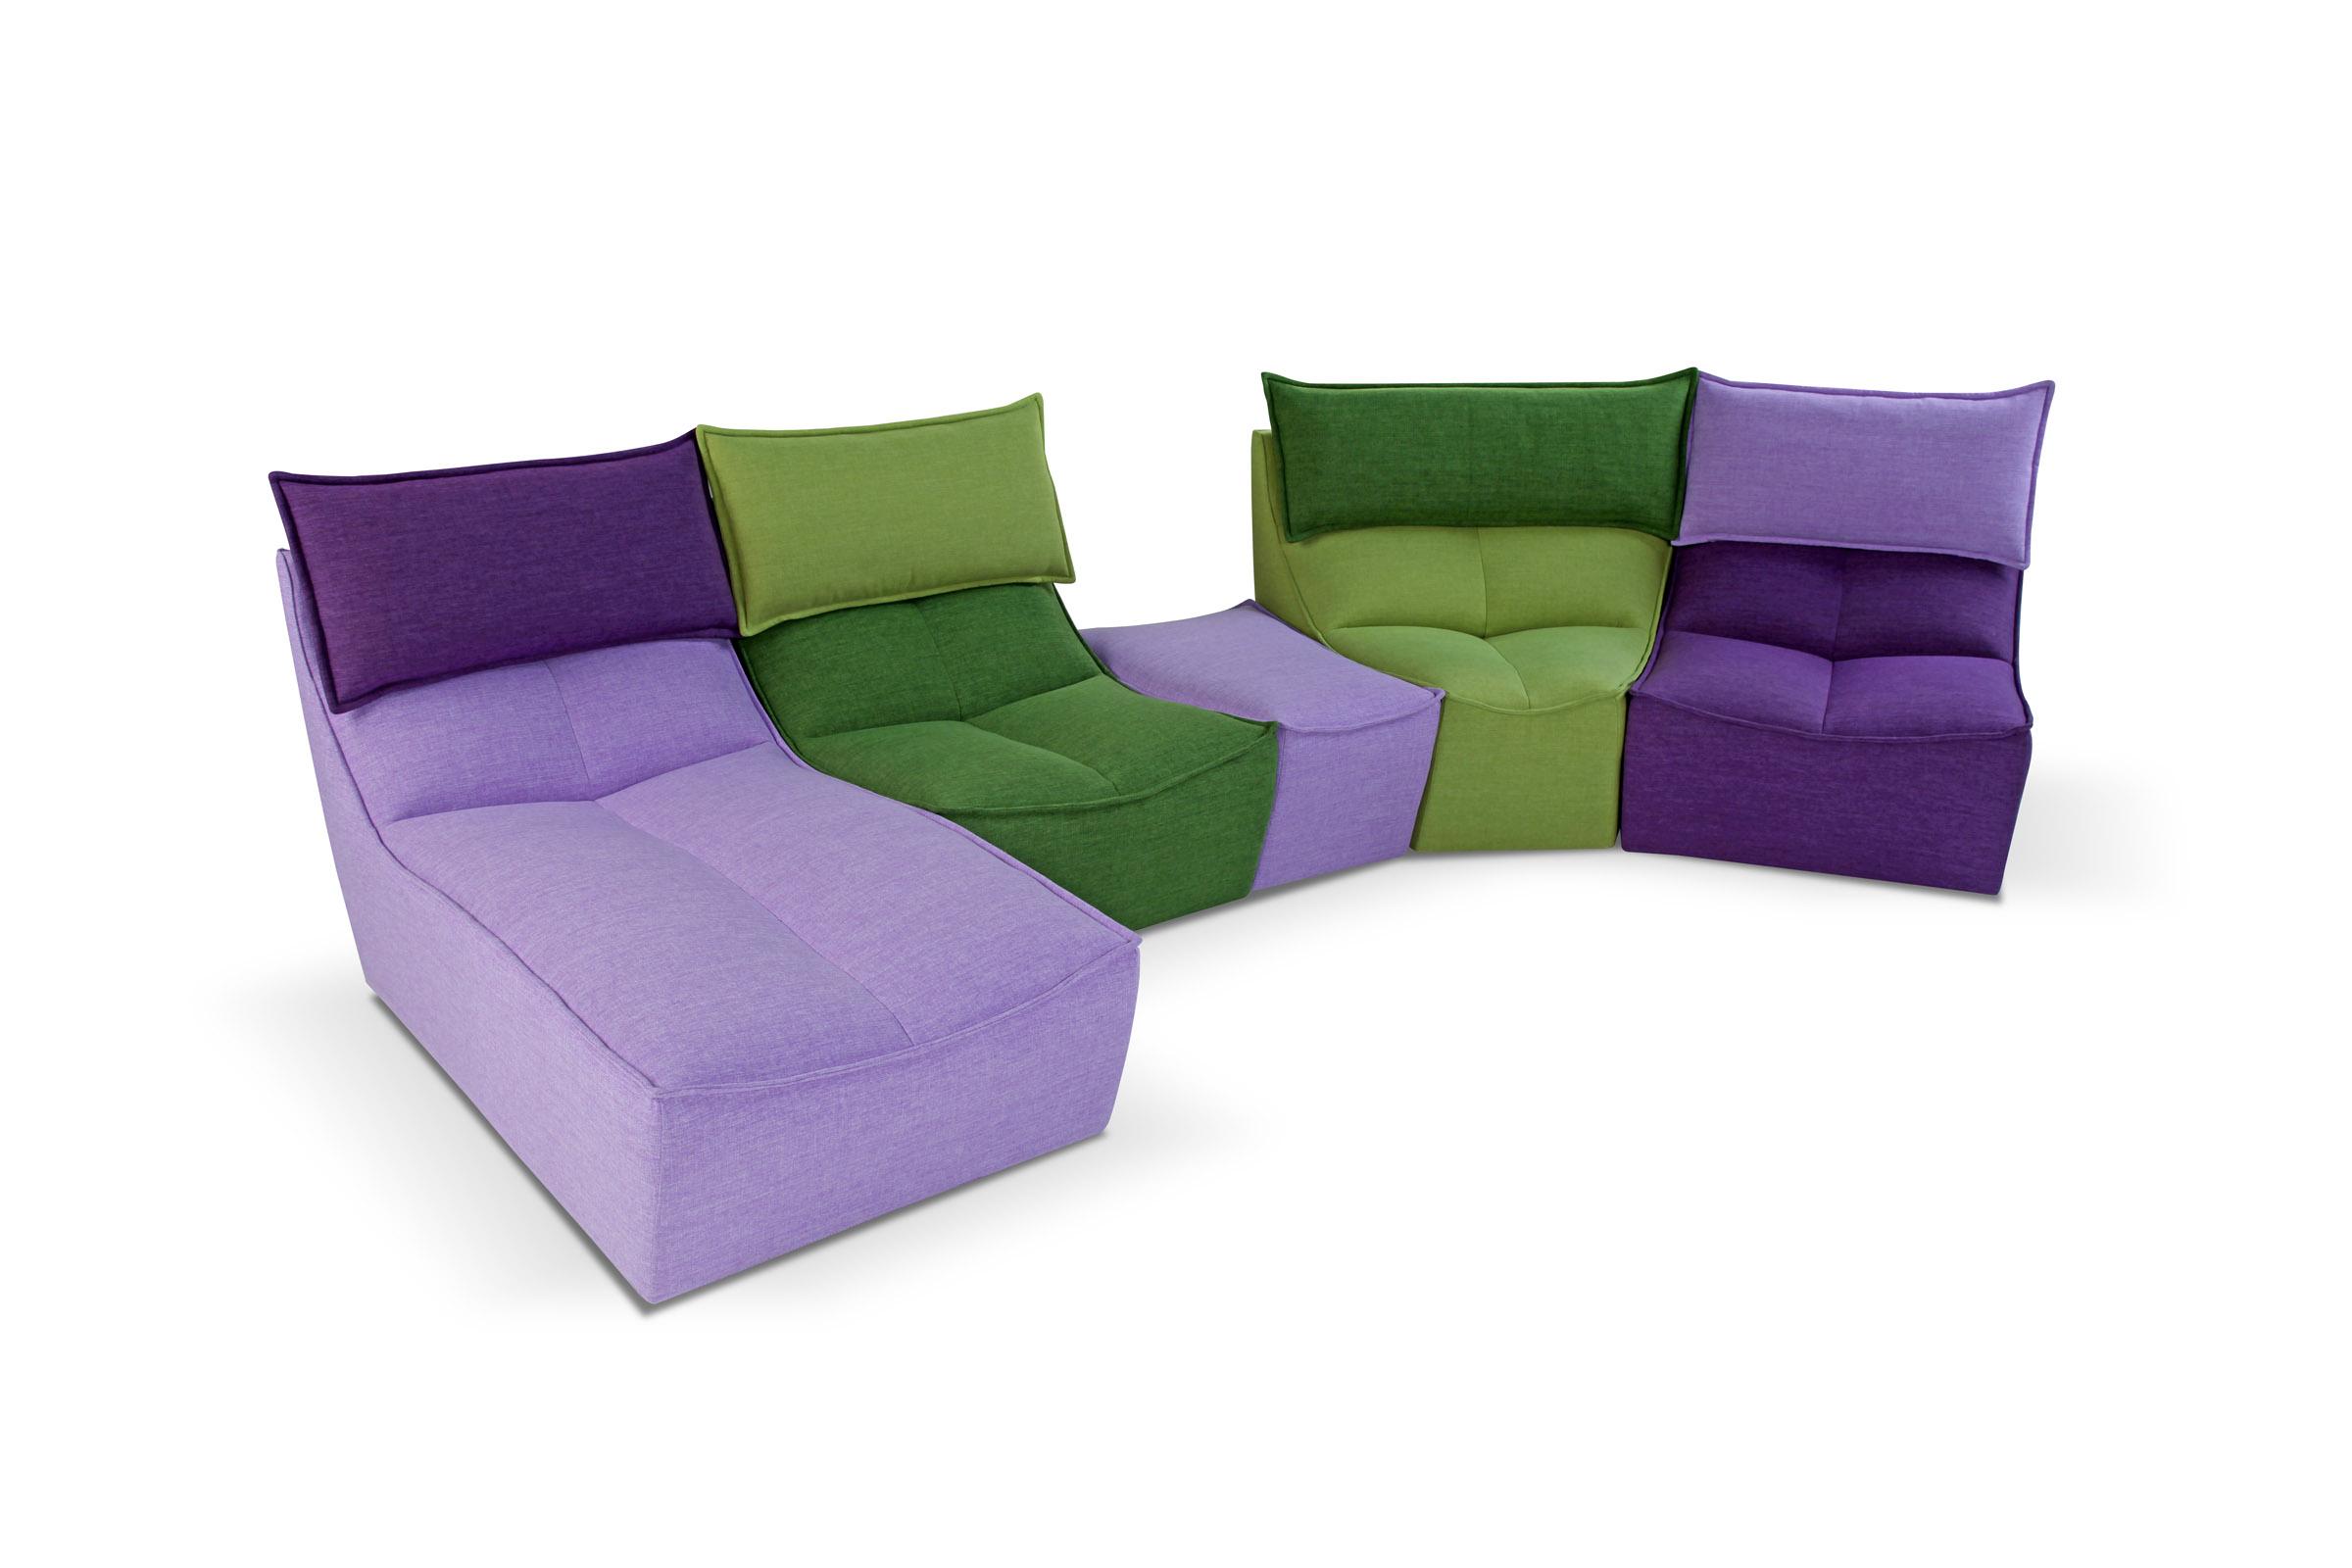 divano moderno calia hip hop - acquistabile in milano e provincia